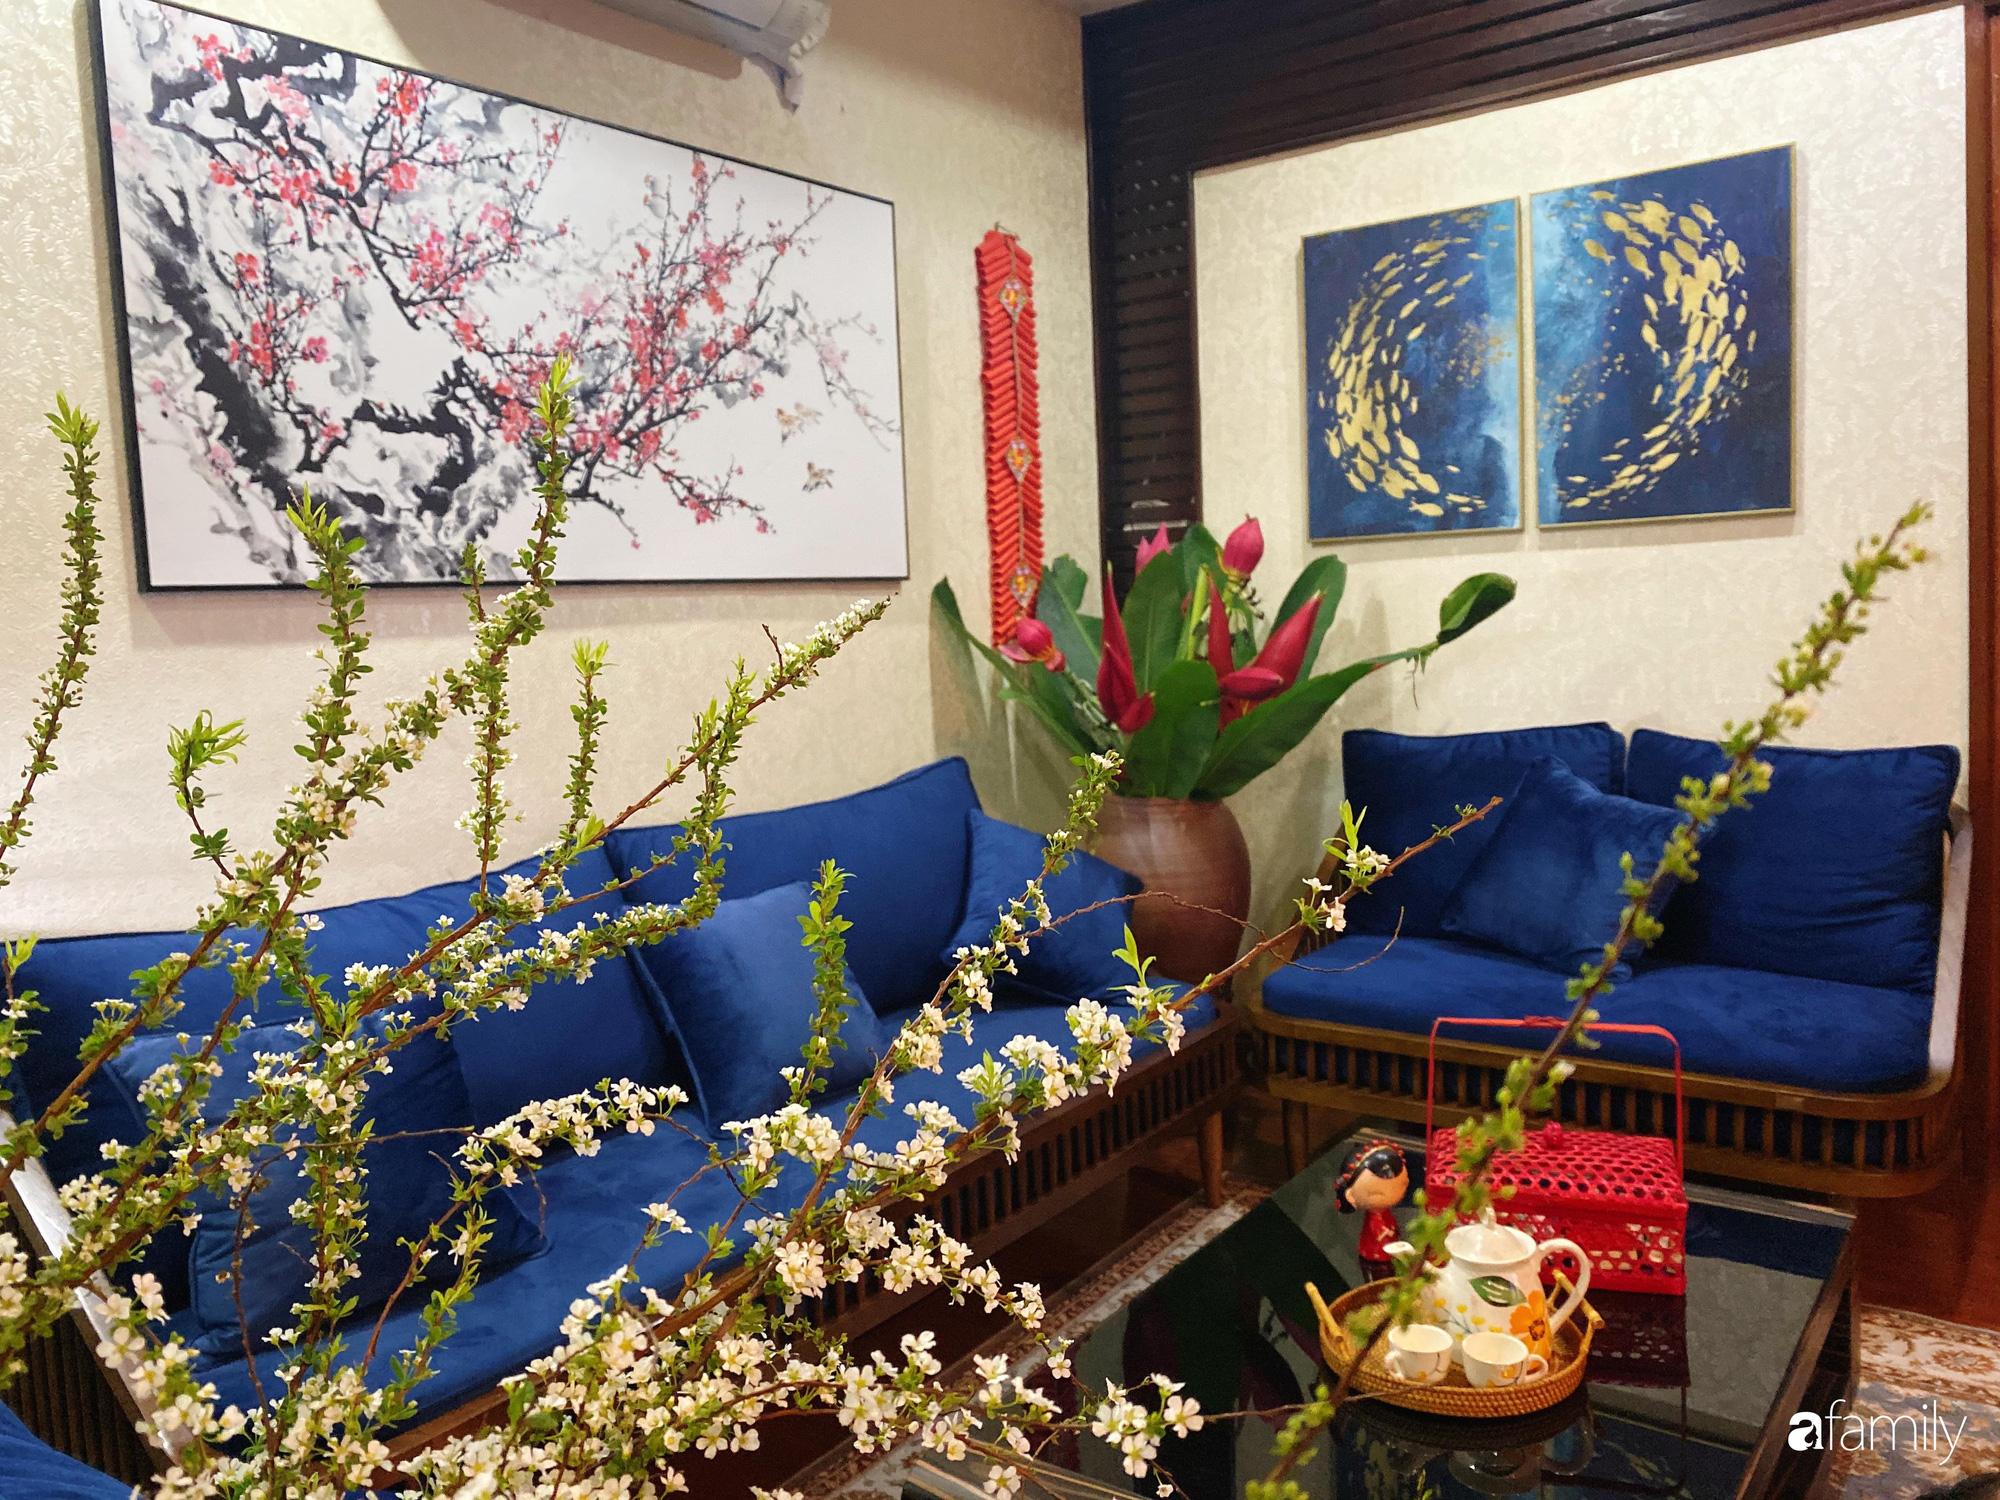 Căn hộ được điểm xuyết vẻ đẹp của ngày Tết truyền thống nhờ bàn tay khéo léo của mẹ trẻ xinh đẹp ở Long Biên, Hà Nội - Ảnh 4.